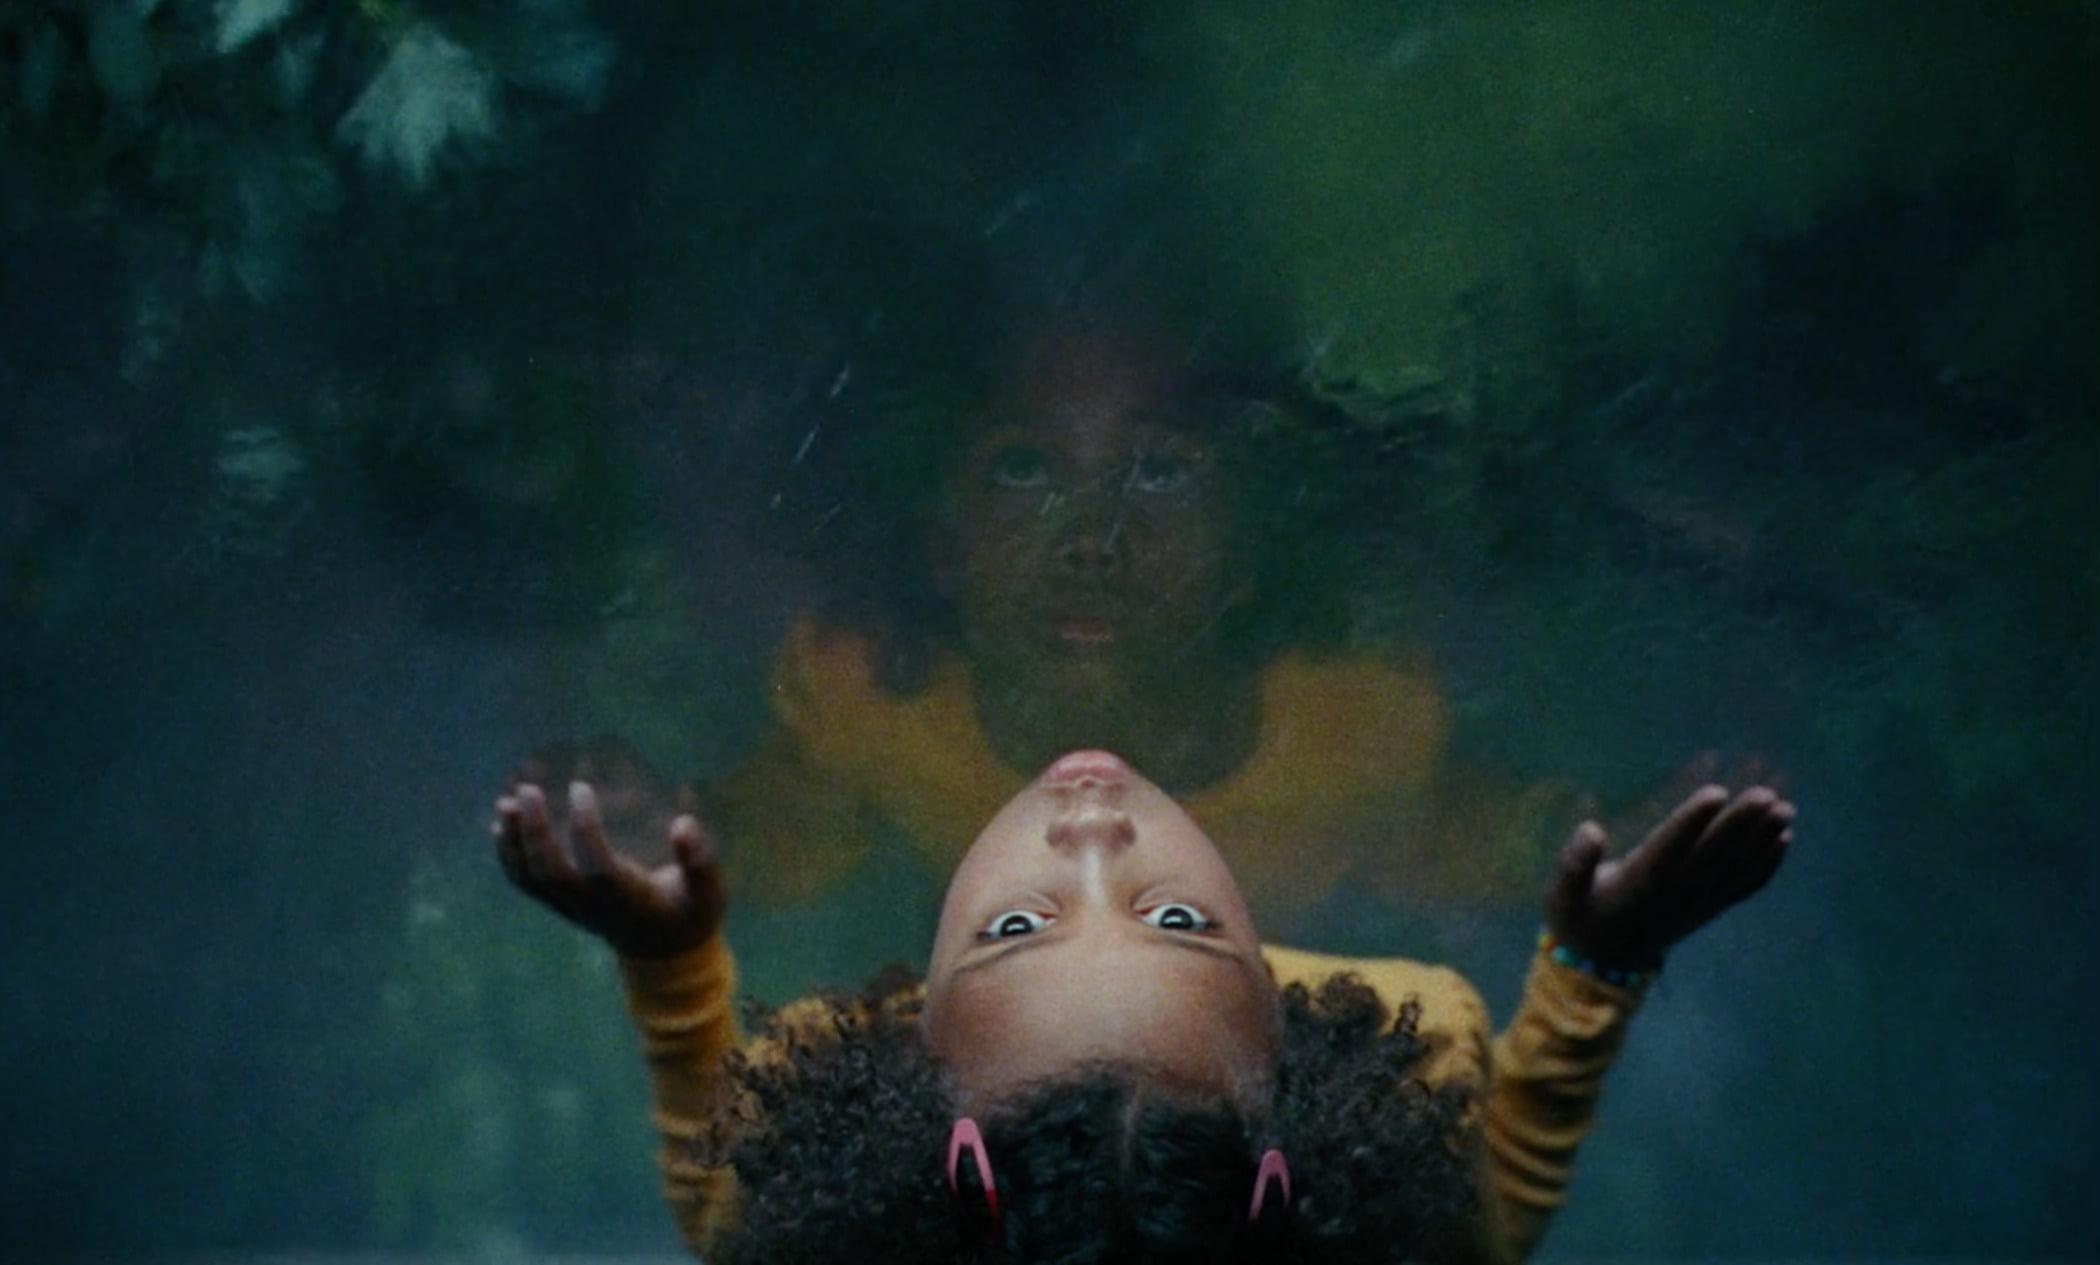 Cloud, Sky, Plant, Organism, Gesture, Happy, Underwater, Tree